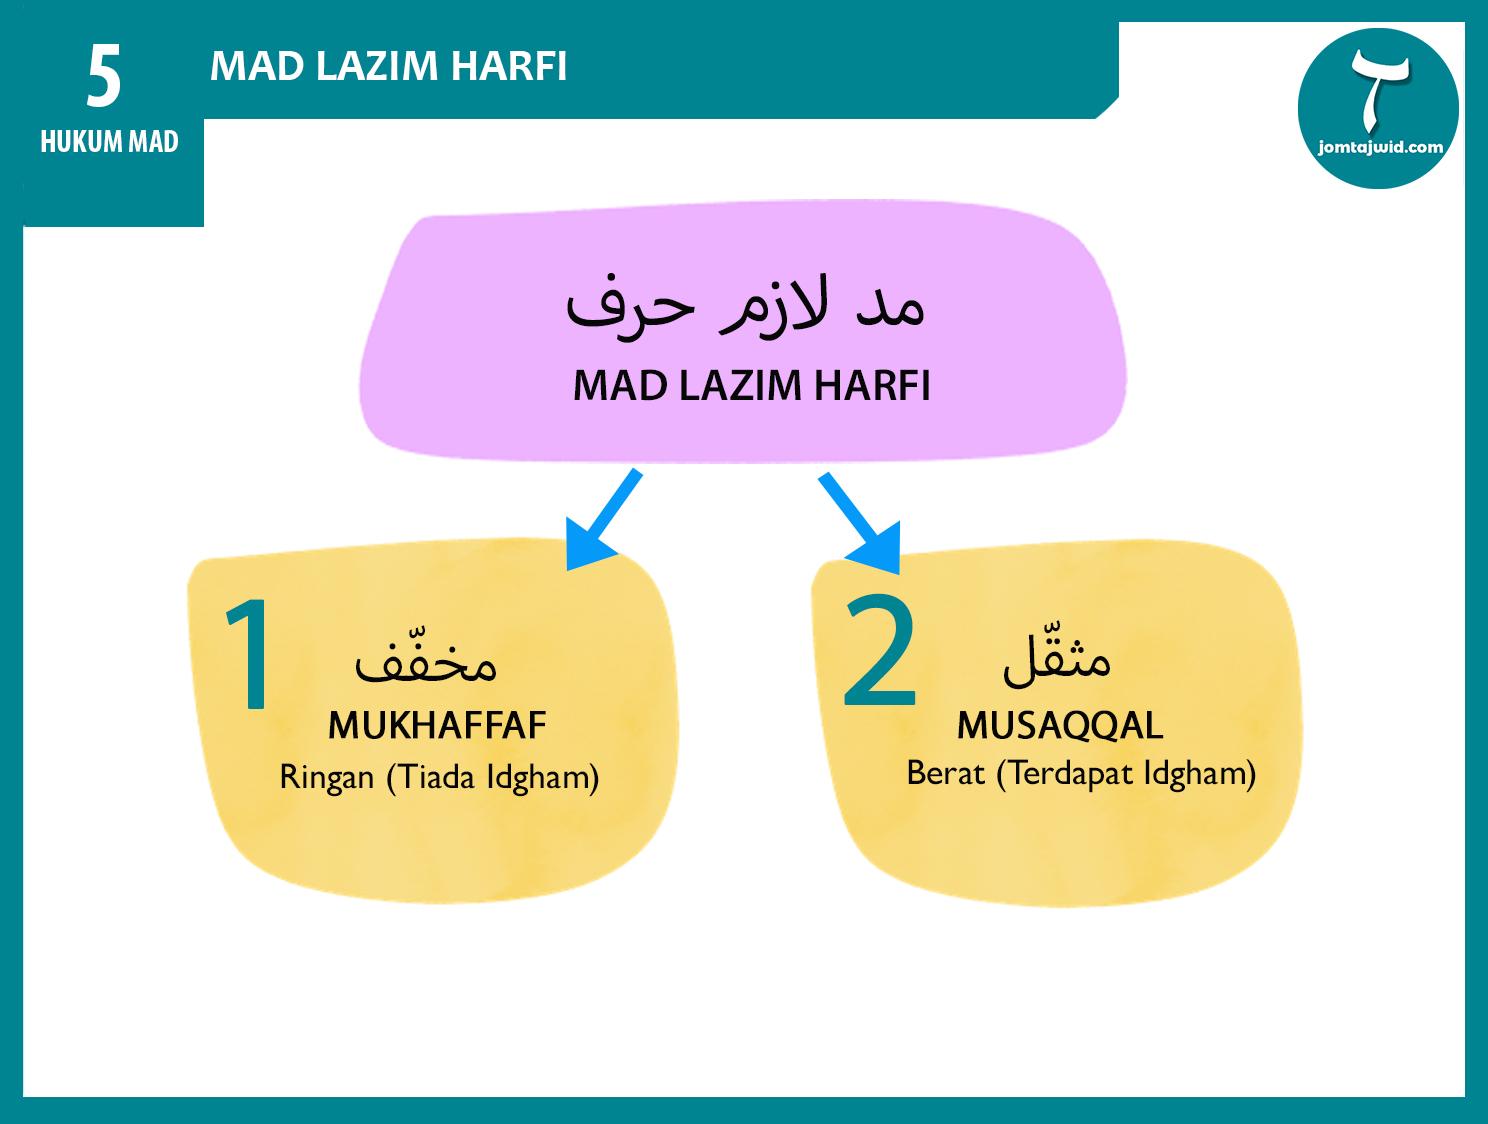 JomTajwid - Hukum mad lazim kharfi 11 (Feature) new 2